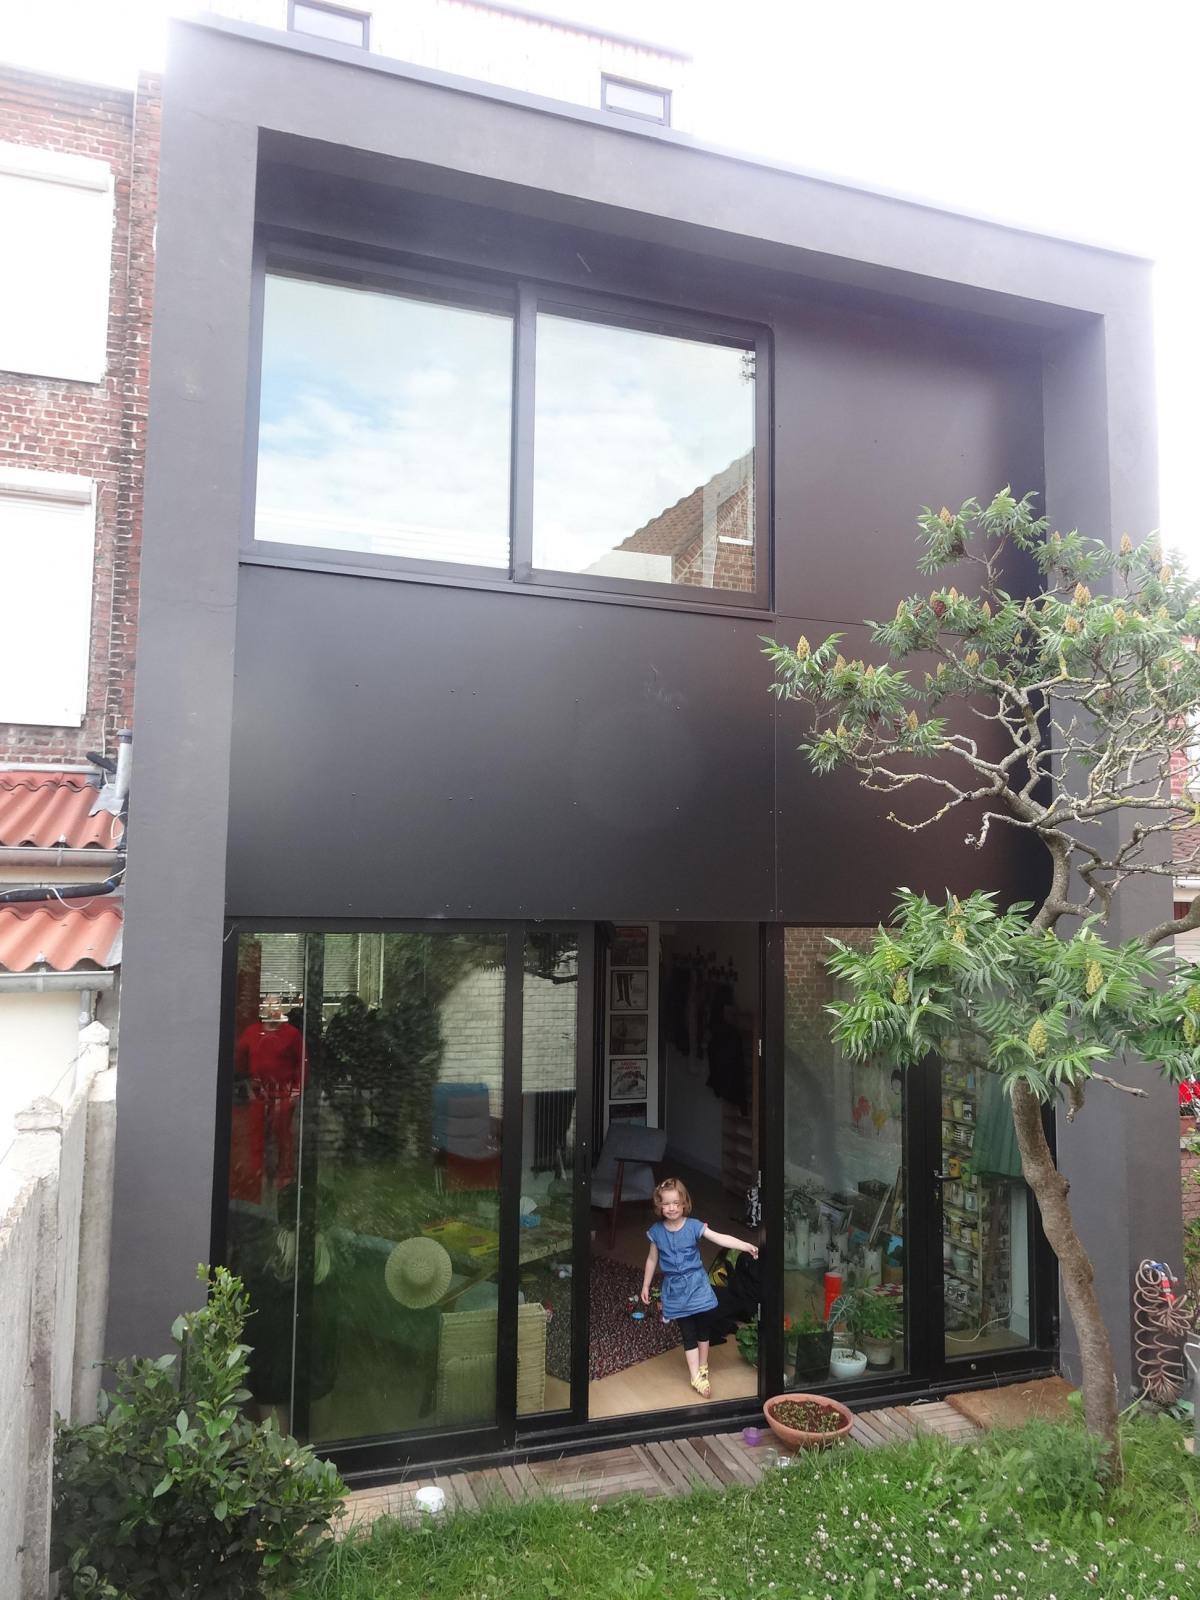 Alexis persiaux architecte cabinet d 39 architecte b thune archidvisor - Livre renovation maison ...